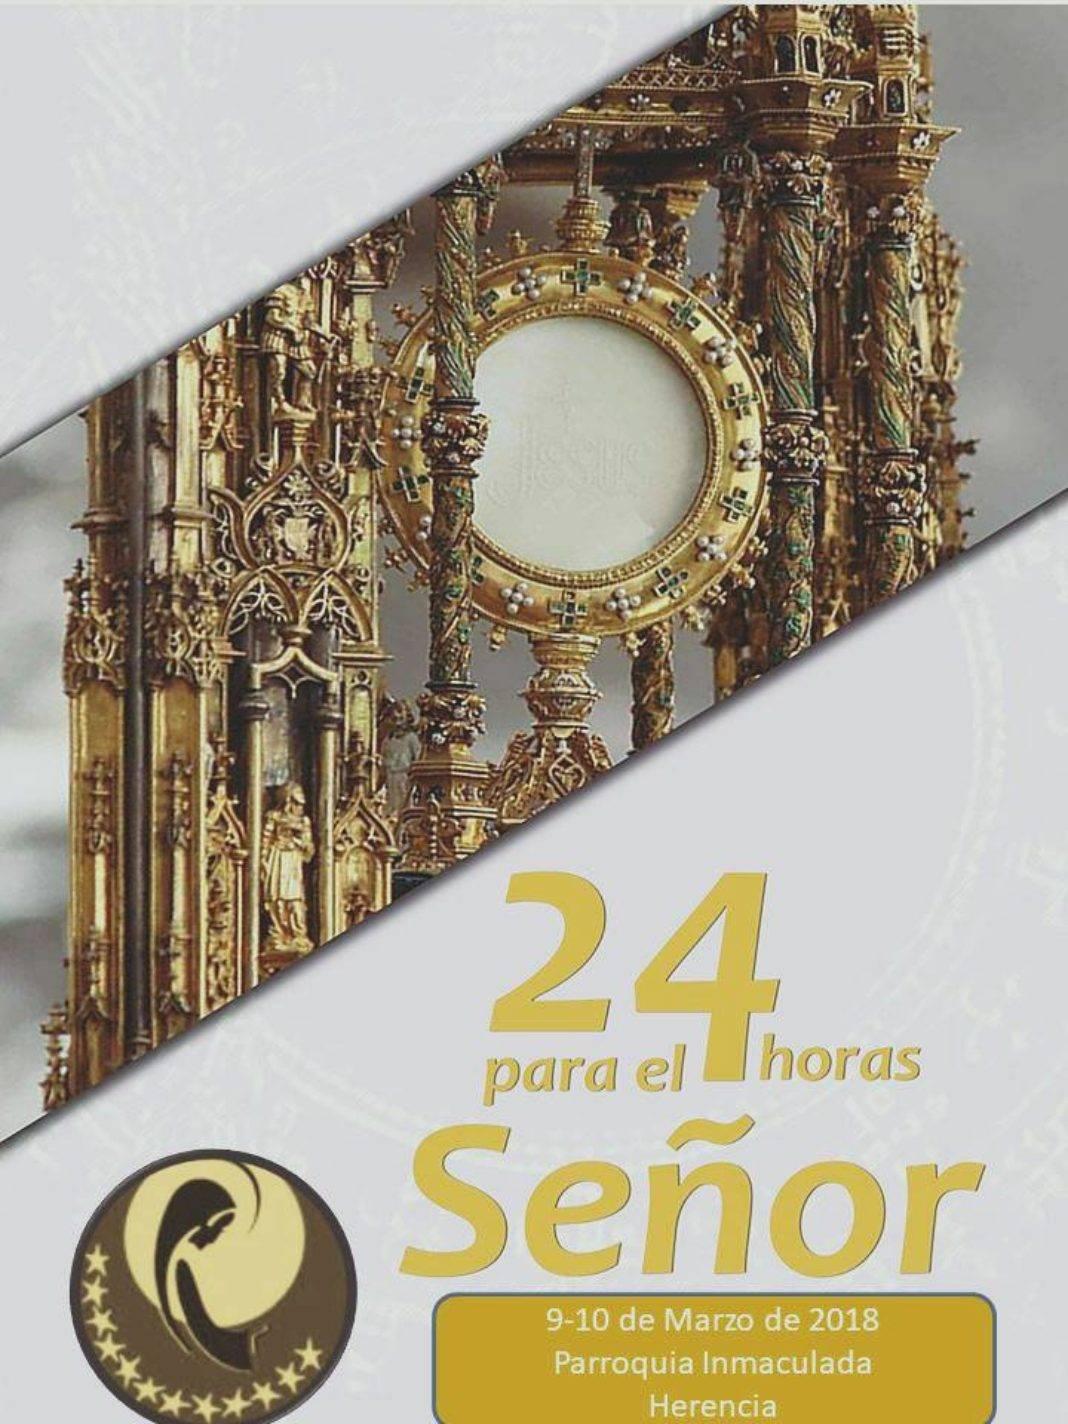 24 horas para el Señor en la parroquia de Herencia 1068x1424 - 24 horas para el Señor en la parroquia de Herencia